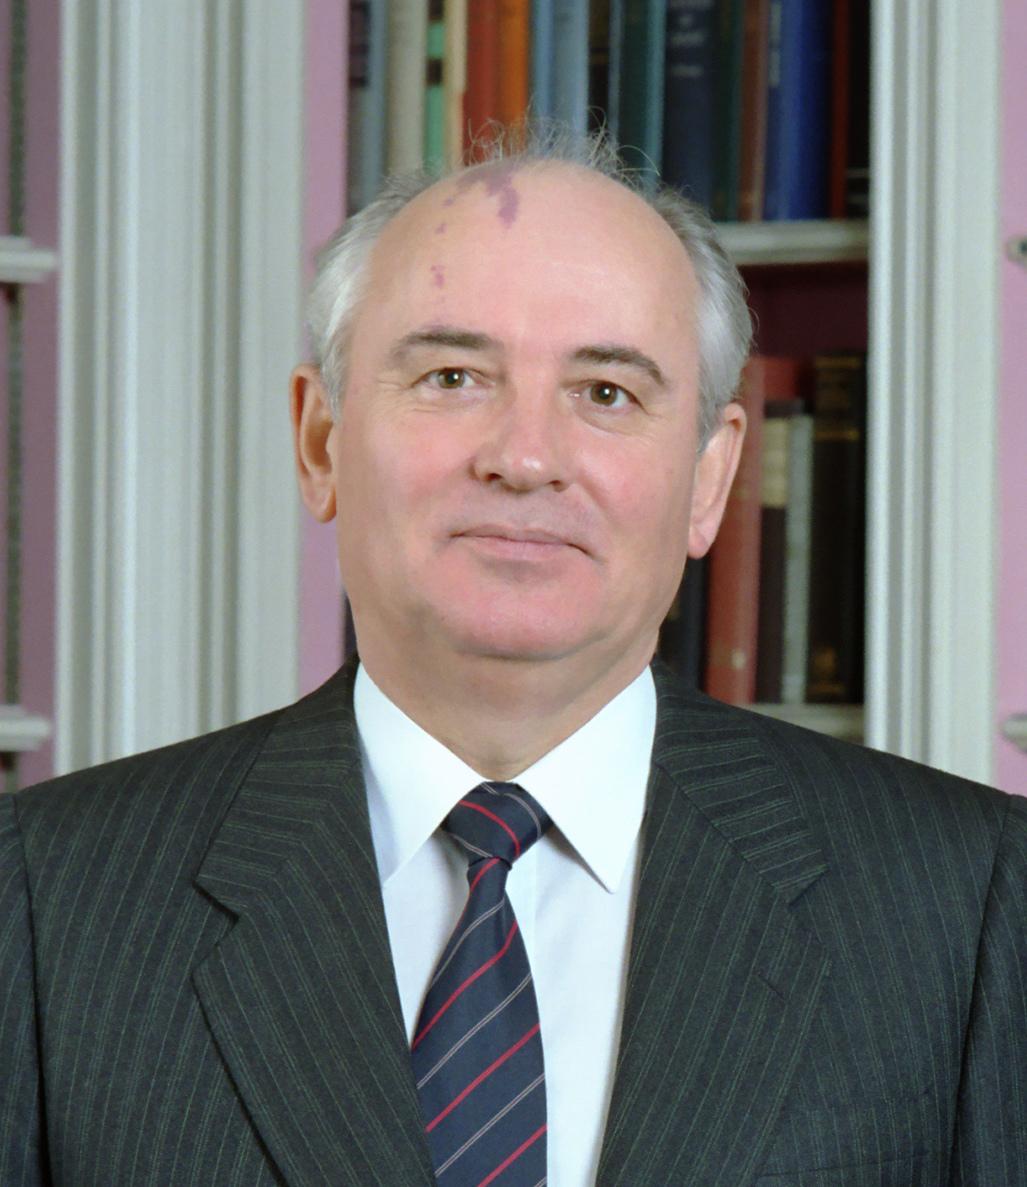 ไฟล์:Mikhail Gorbachev 1987 Cropped.jpg